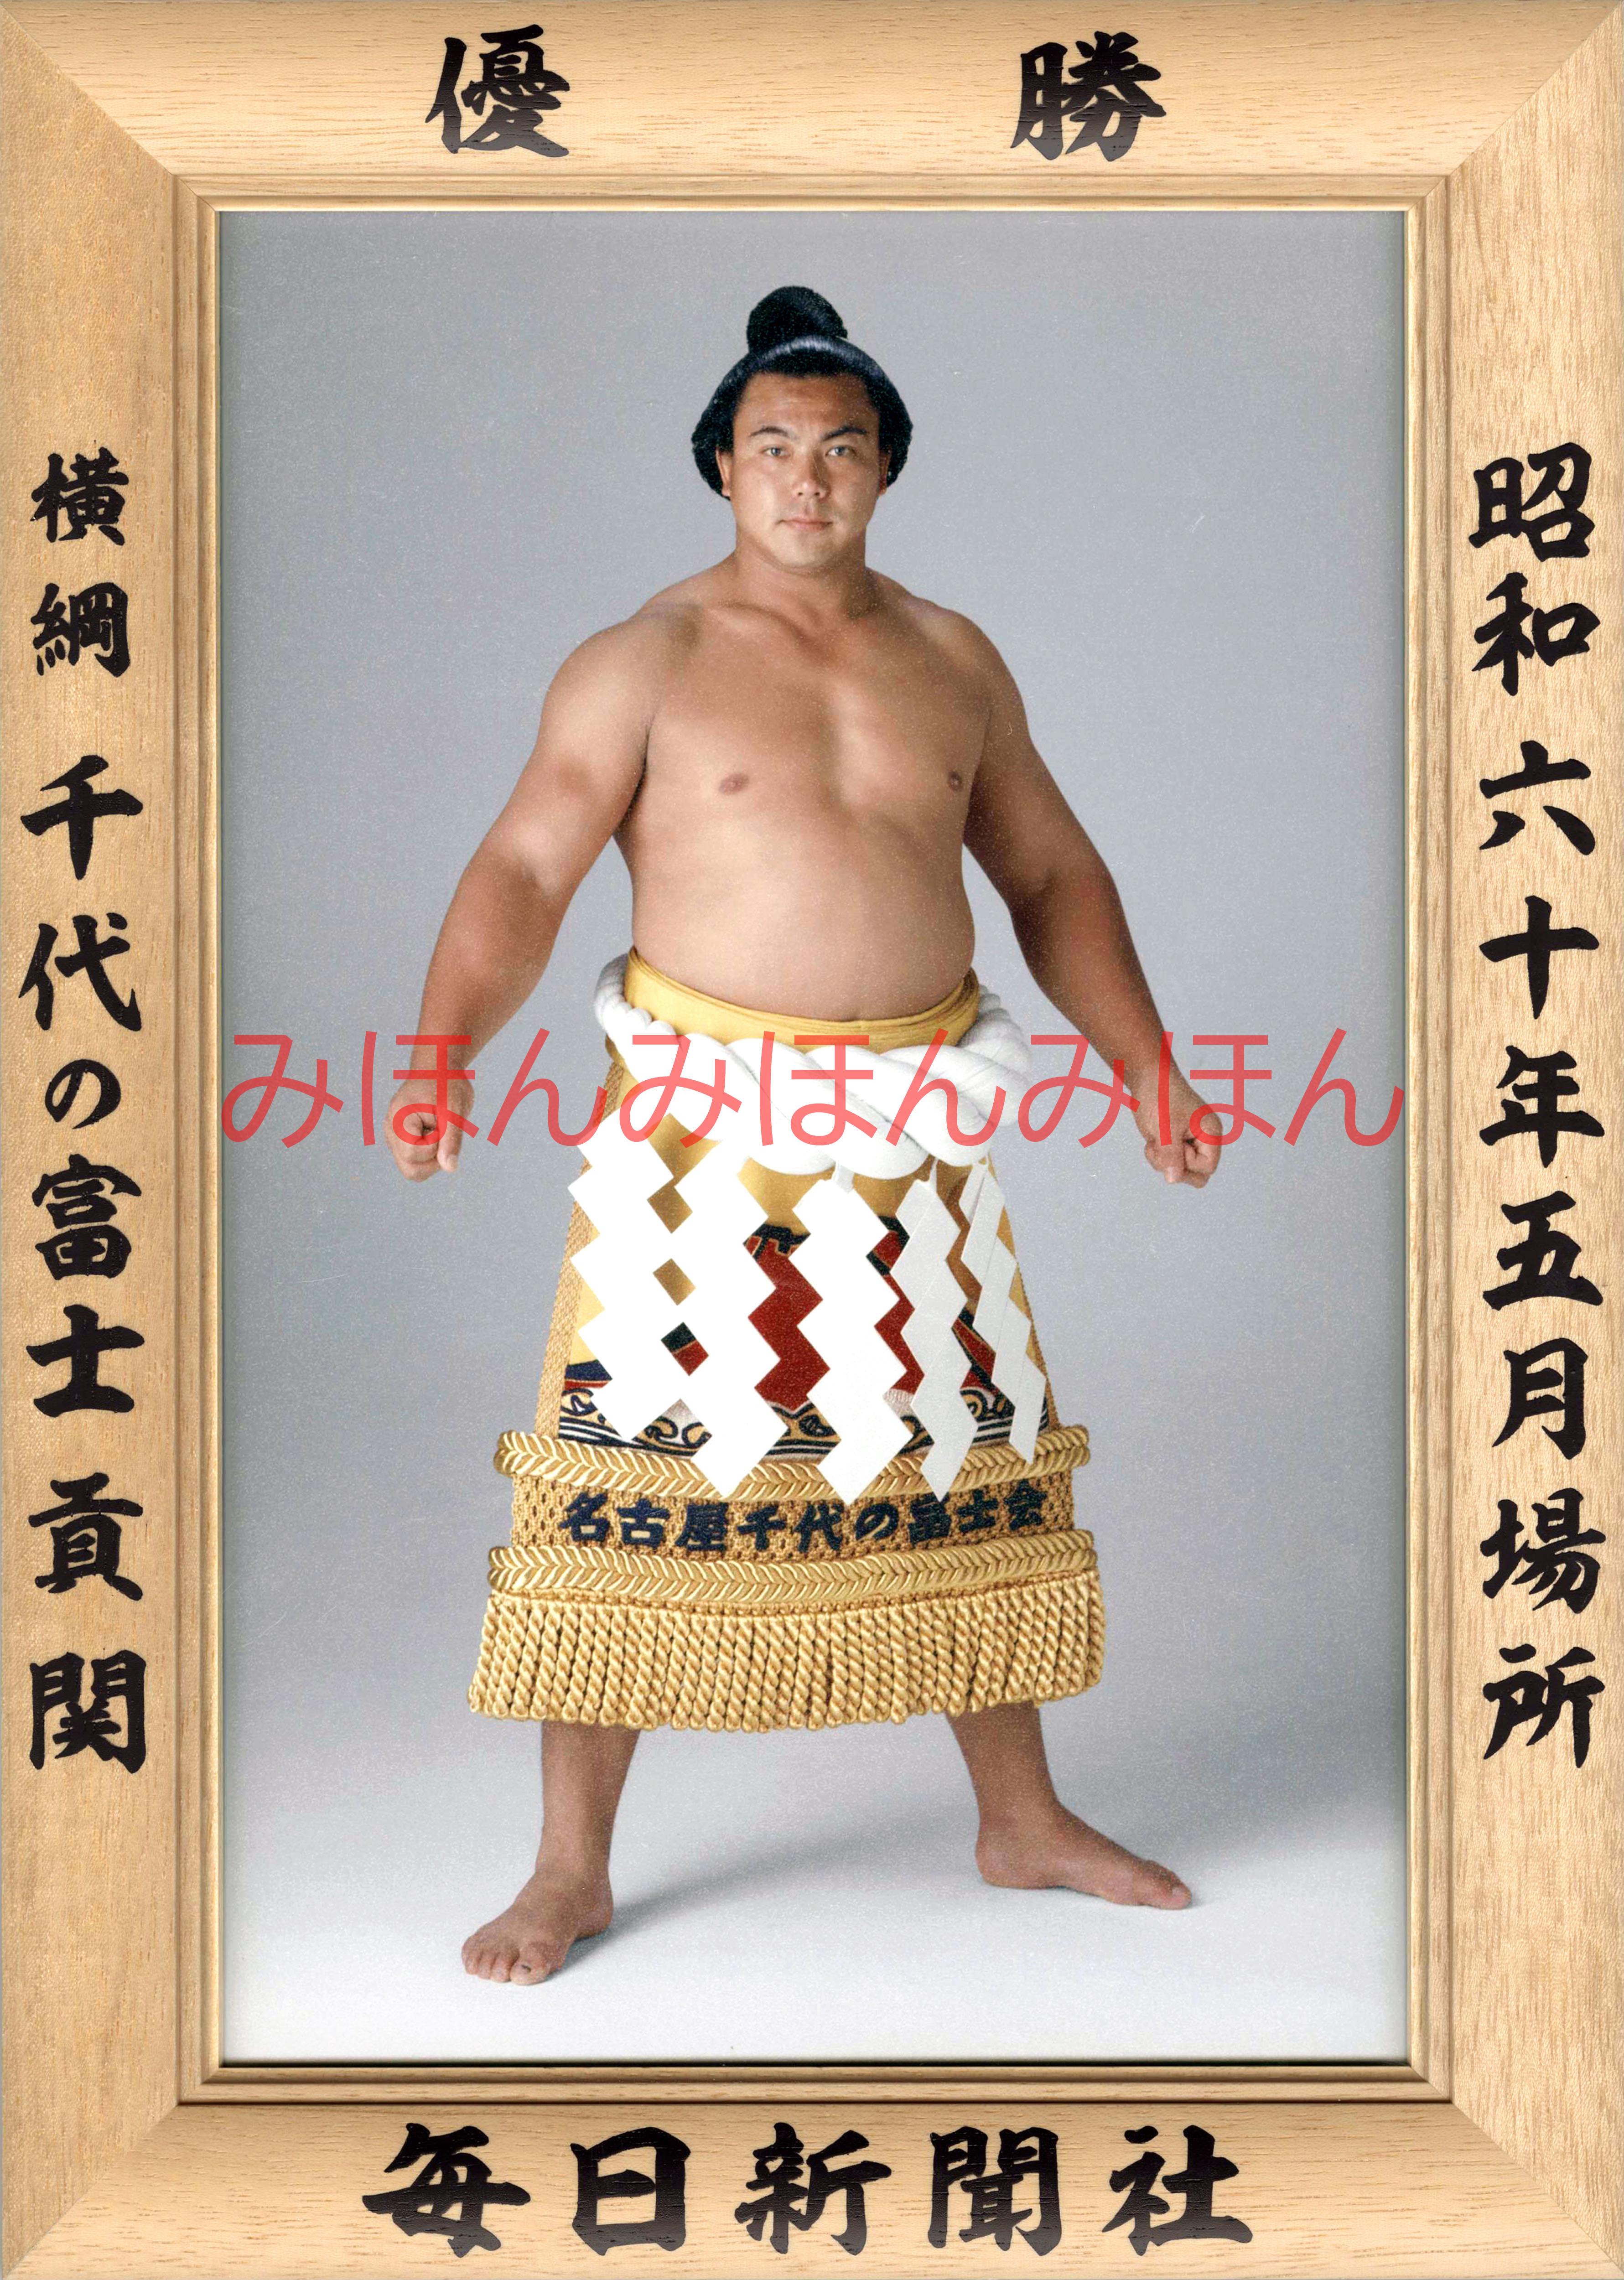 昭和60年5月場所優勝 横綱 千代の富士貢関(12回目の優勝)